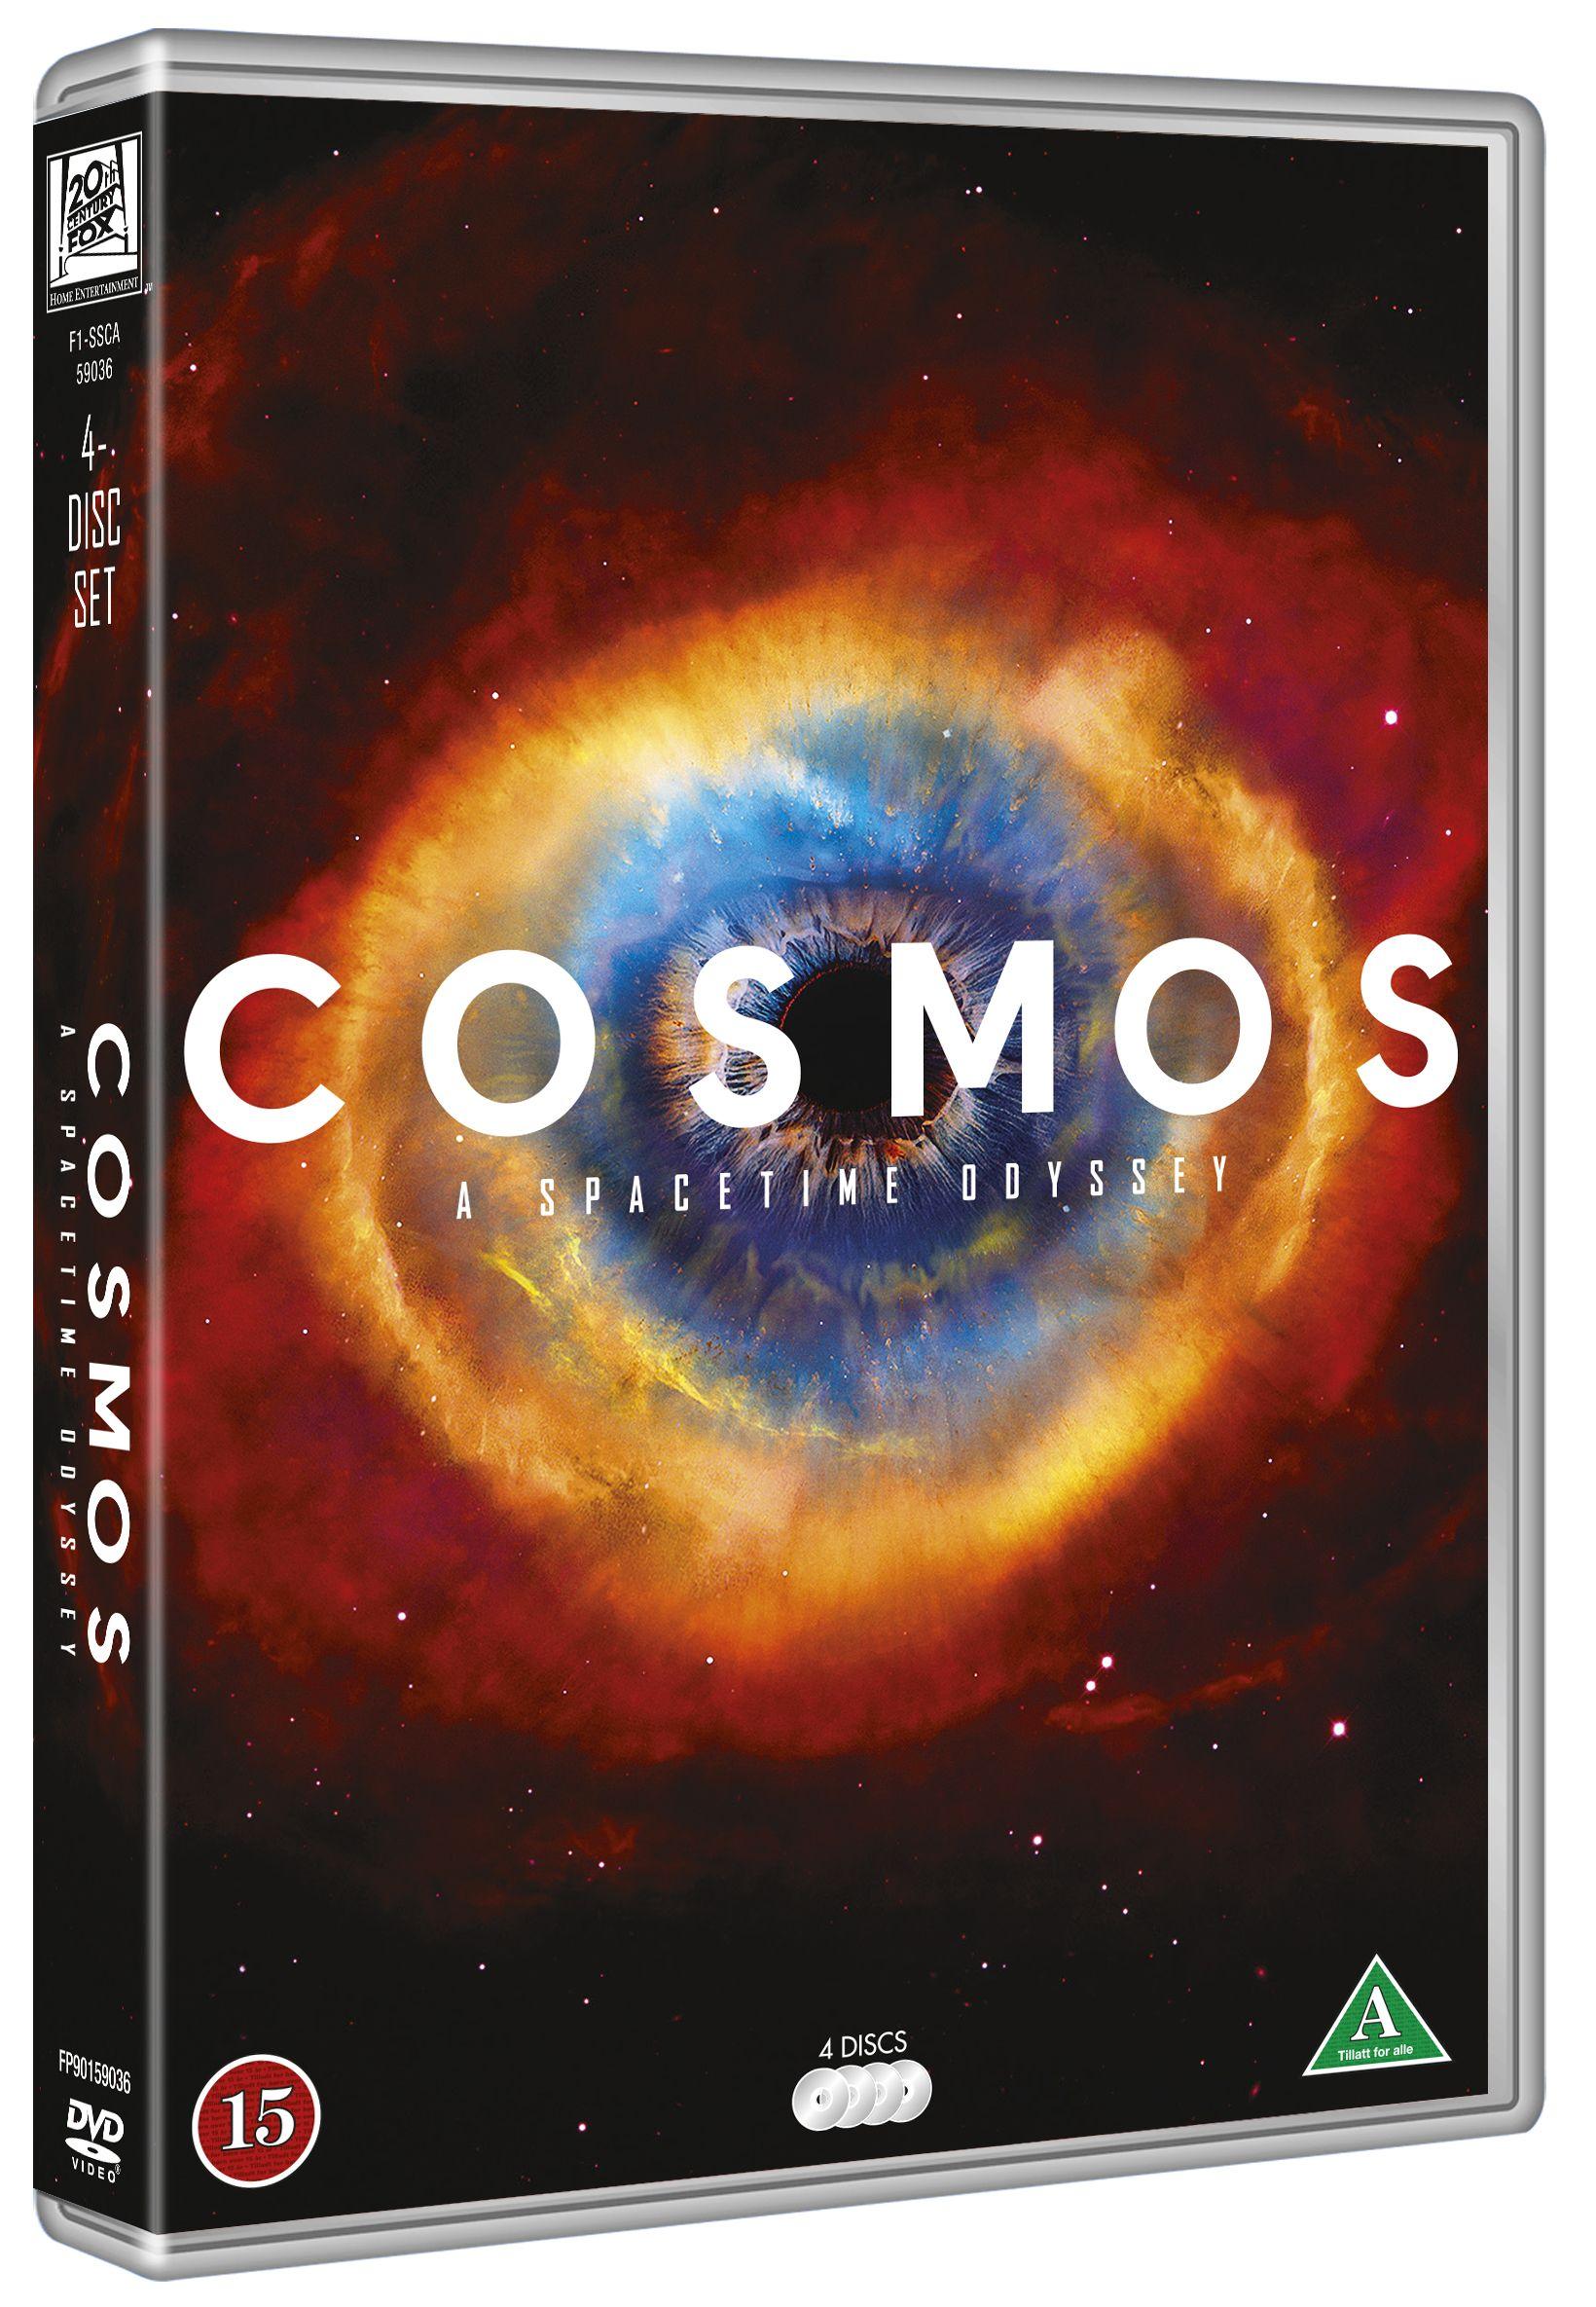 Filmihullu-leffakauppa, Sähkötalon 1. krs. Cosmos: Kaikki elämästä (2014)  29 € / 4 DVD. Unohtumaton seikkailu.